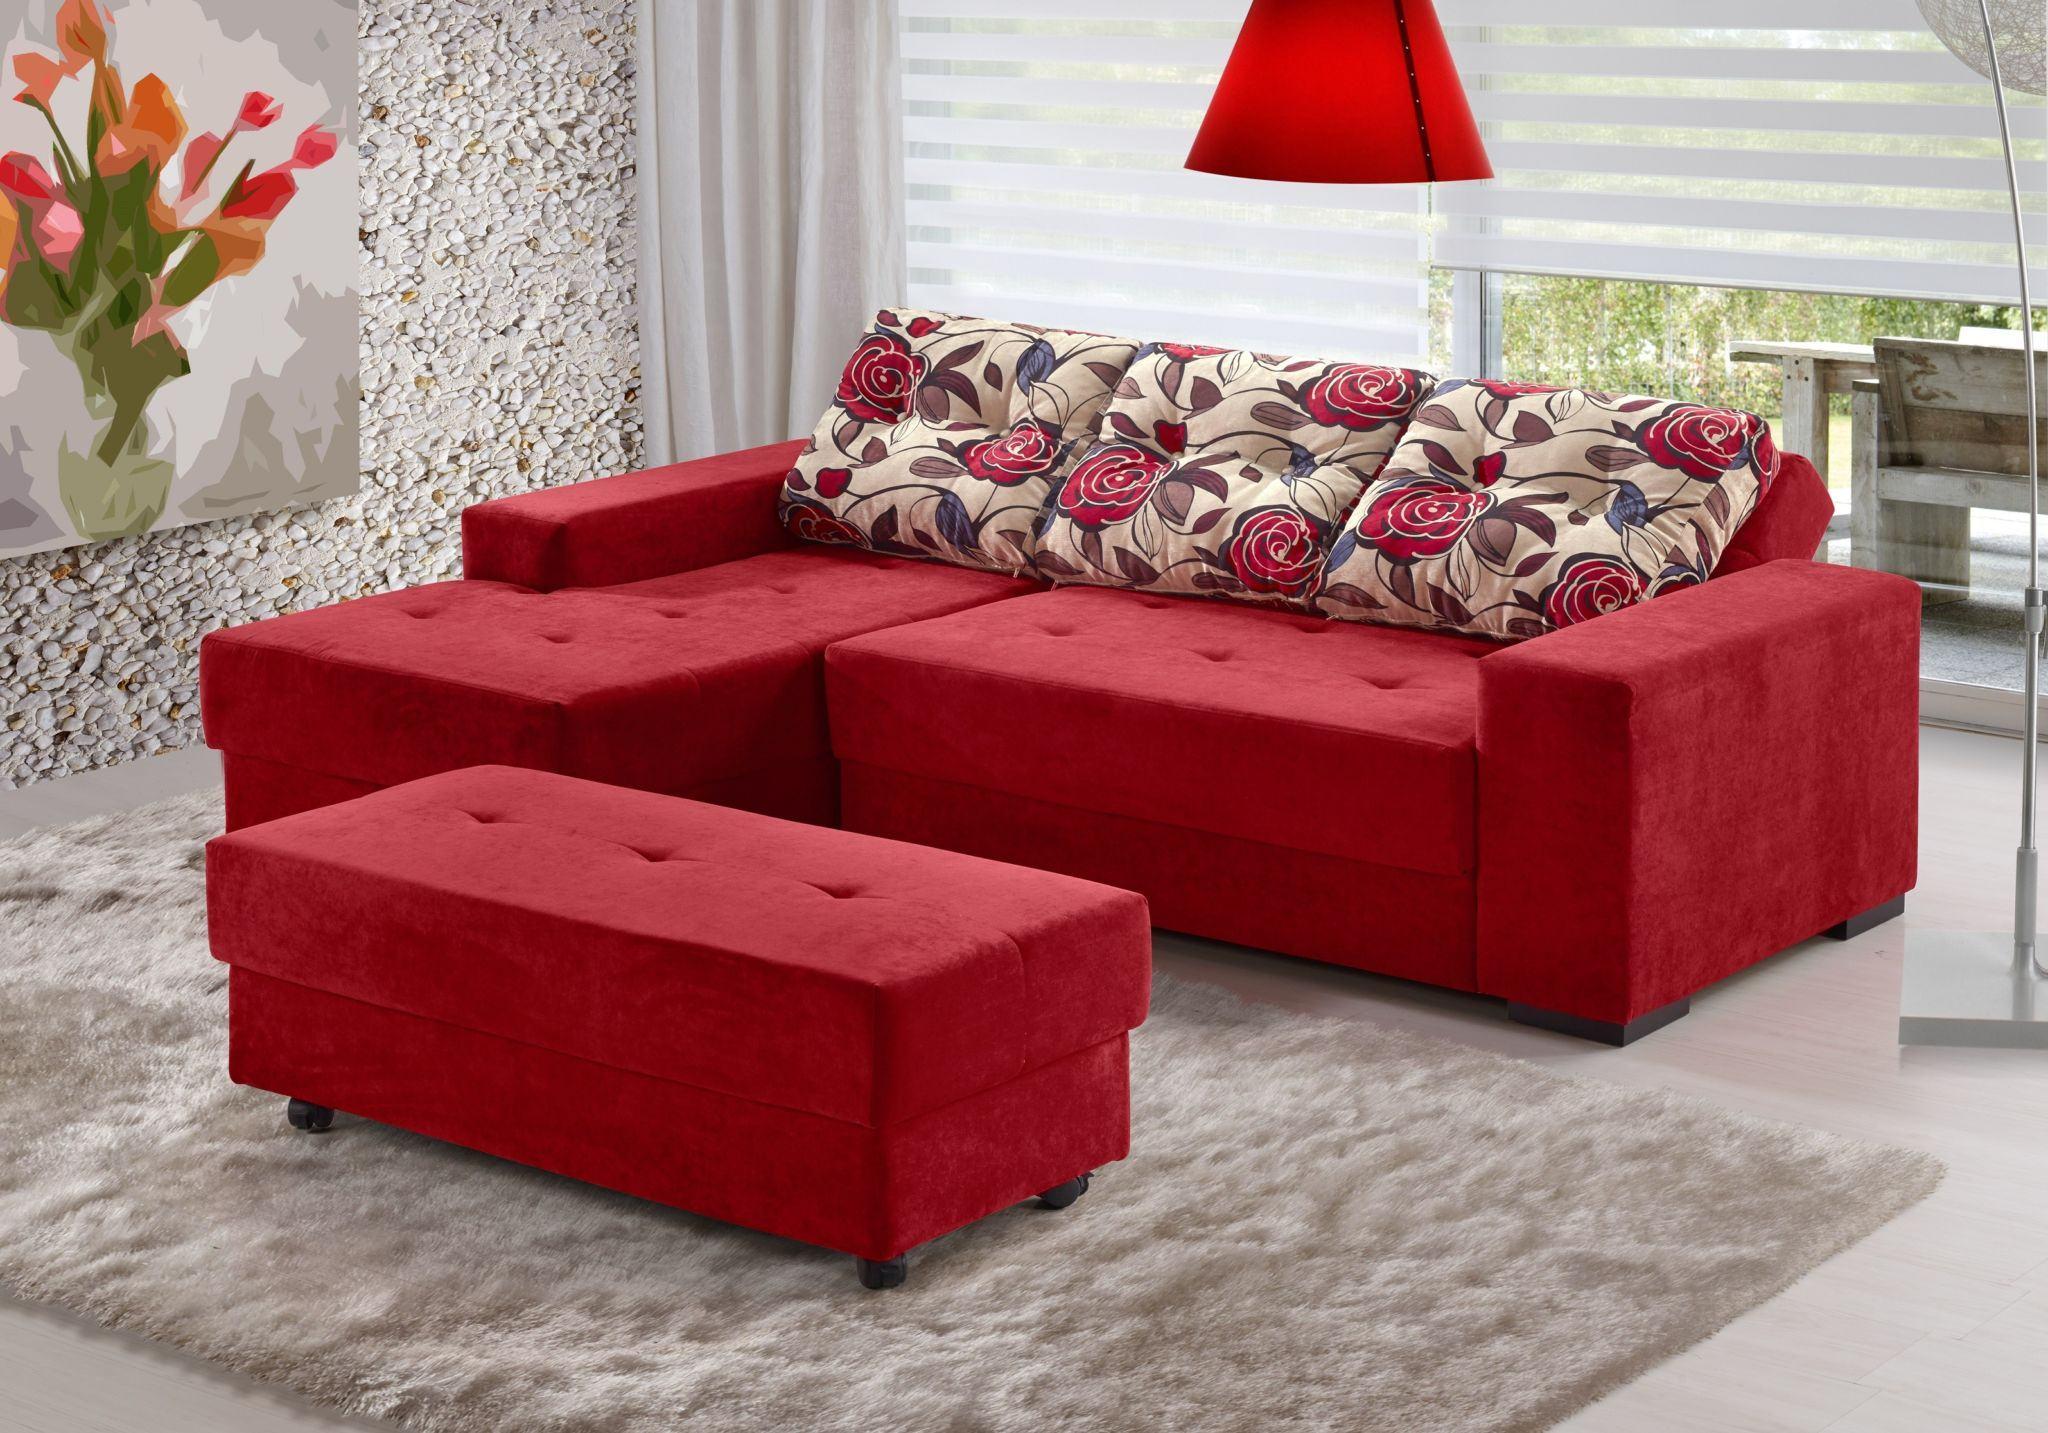 Sofá de canto pequeno vermelho   Bela & Feliz